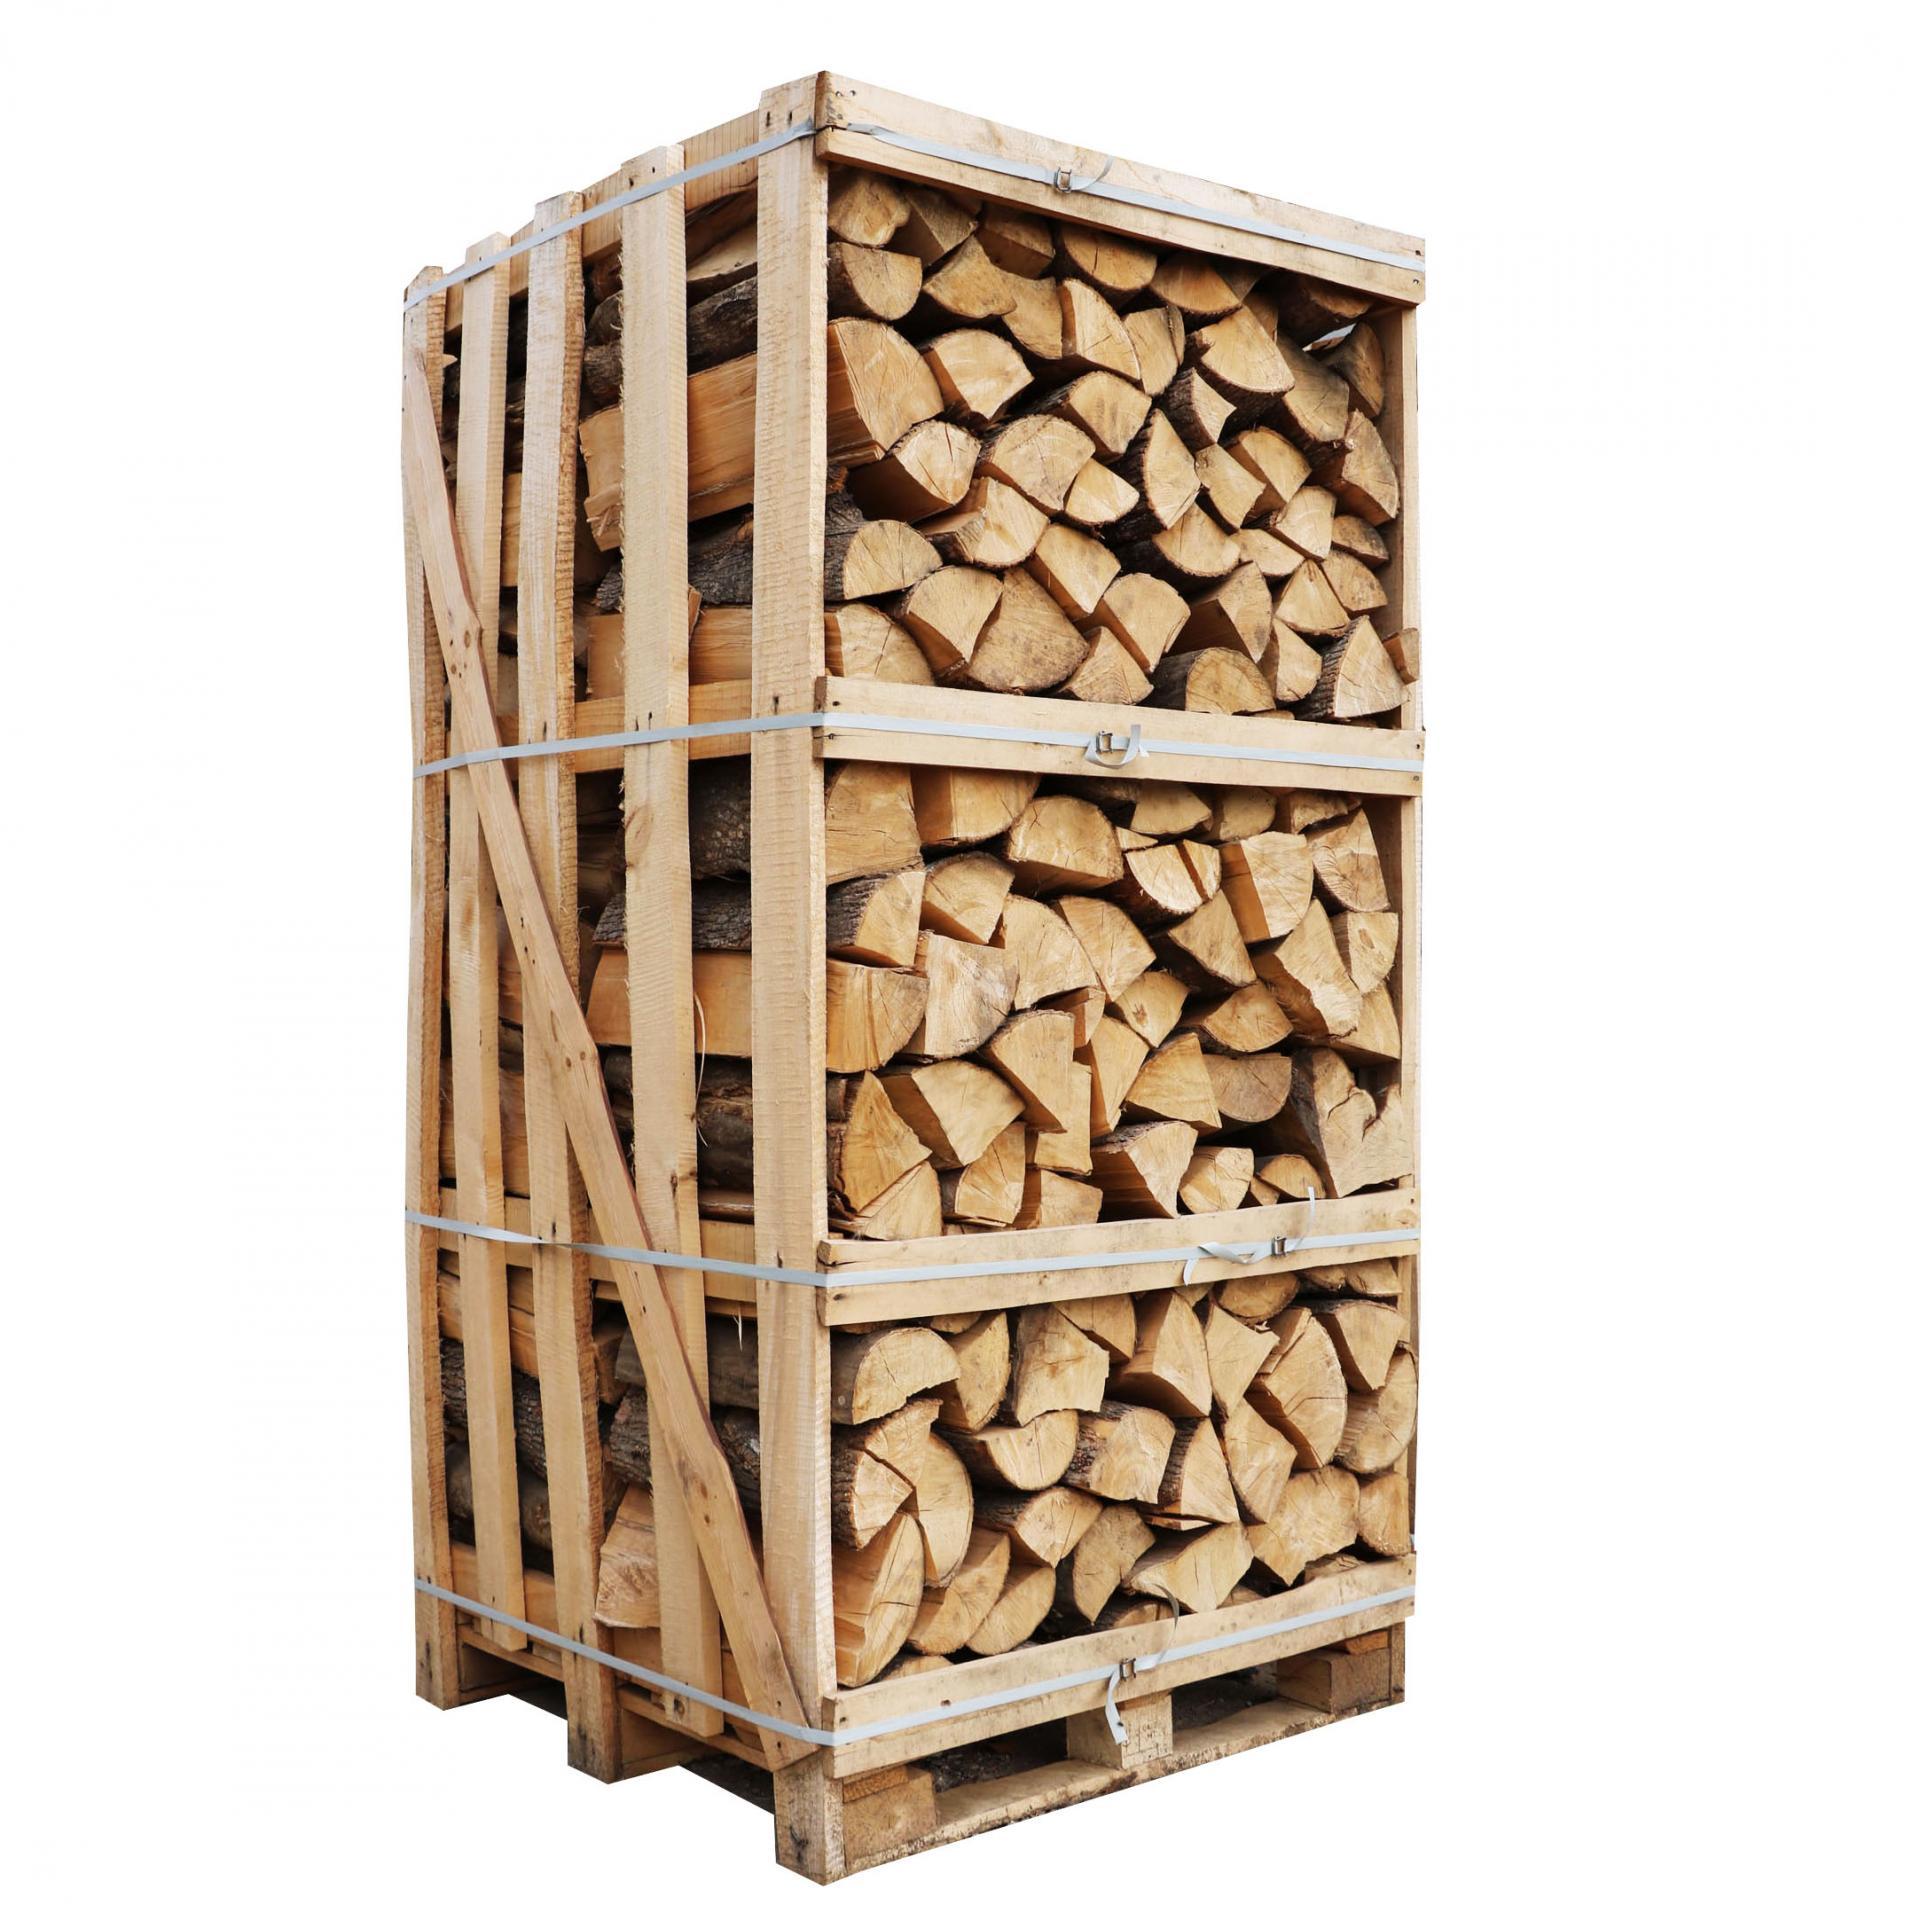 Box de 3 st res de bois - Frene bois de chauffage ...